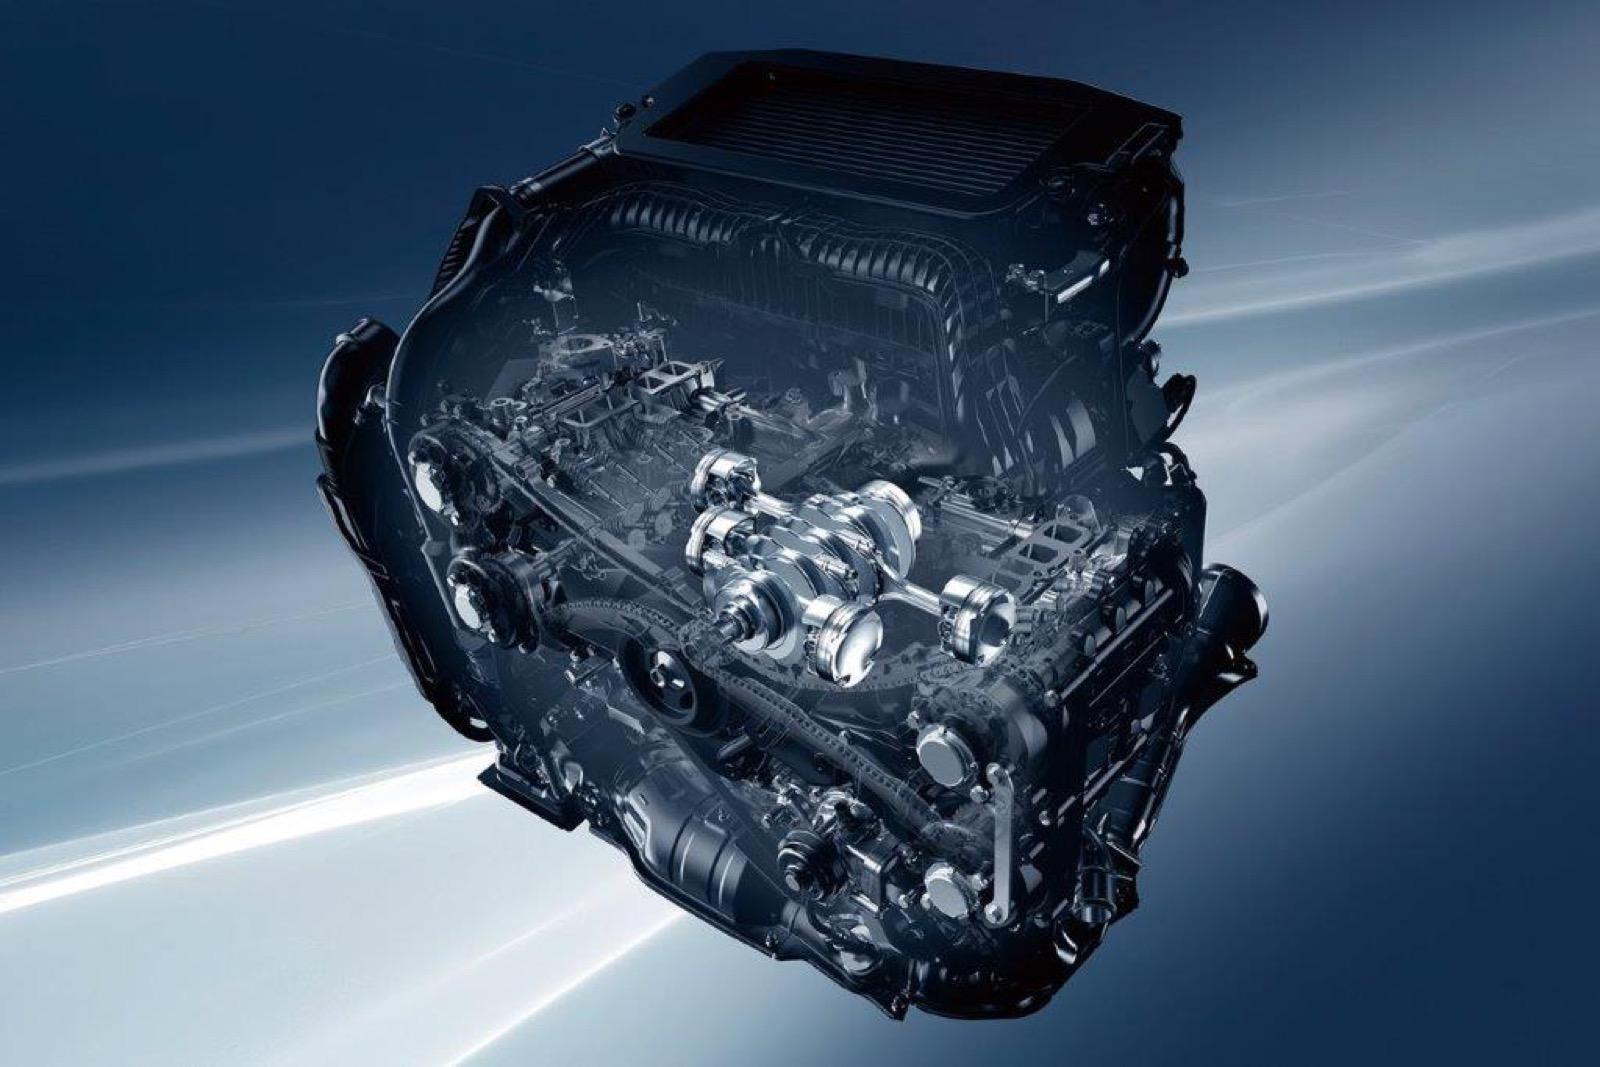 Subaru-WRX-2021-leaked-8